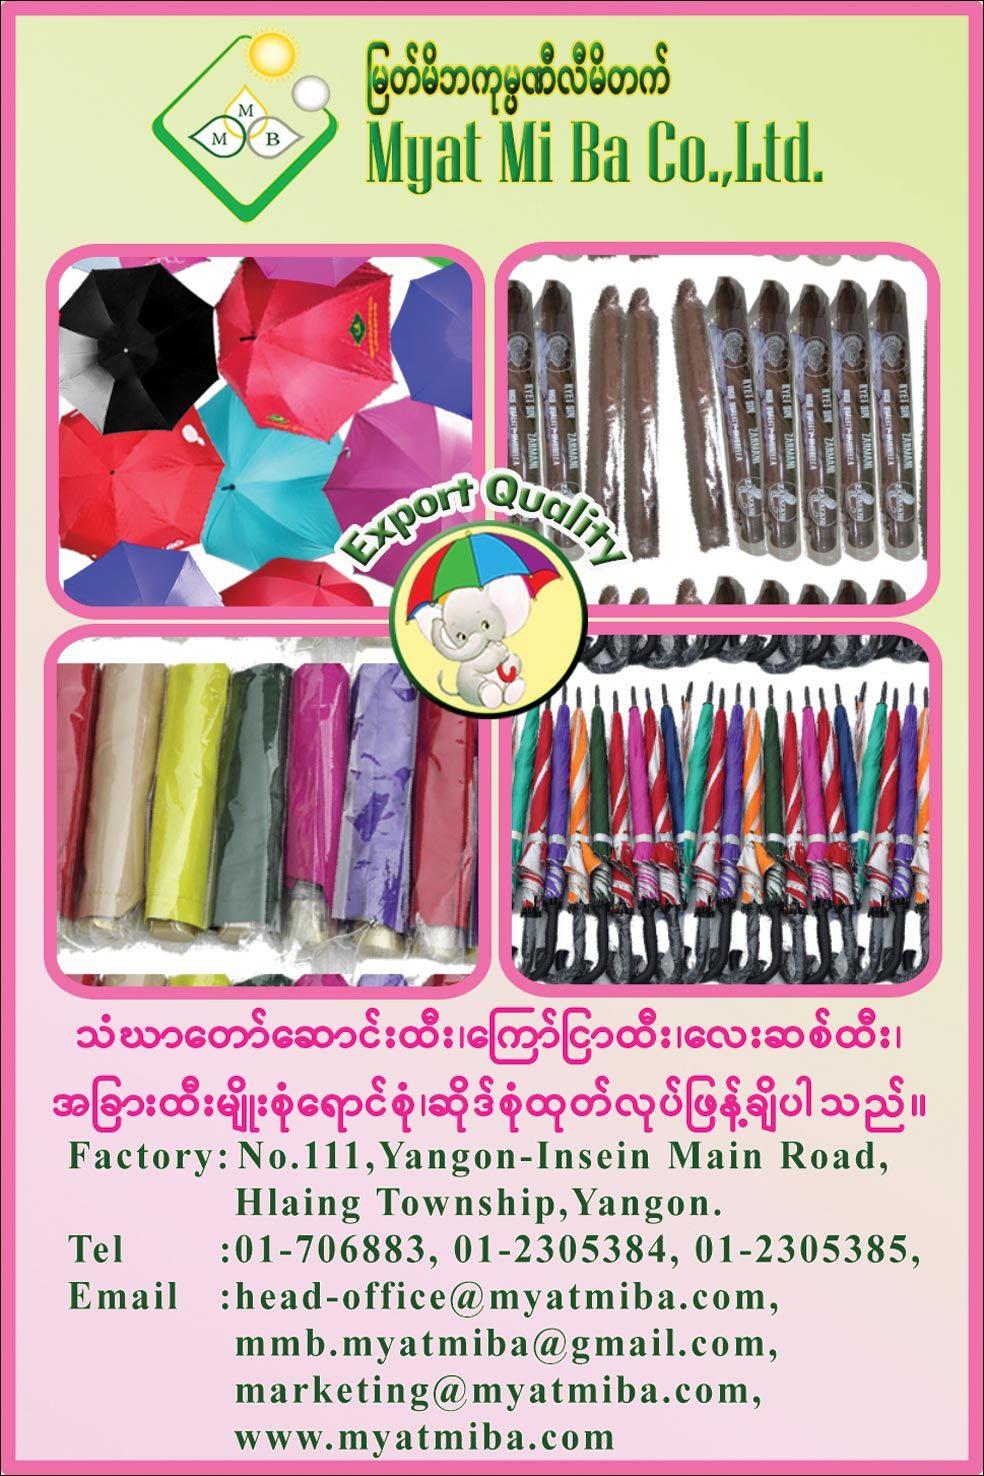 Myat-Miba-Co-Ltd_Umbrella_(A)_2708.jpg